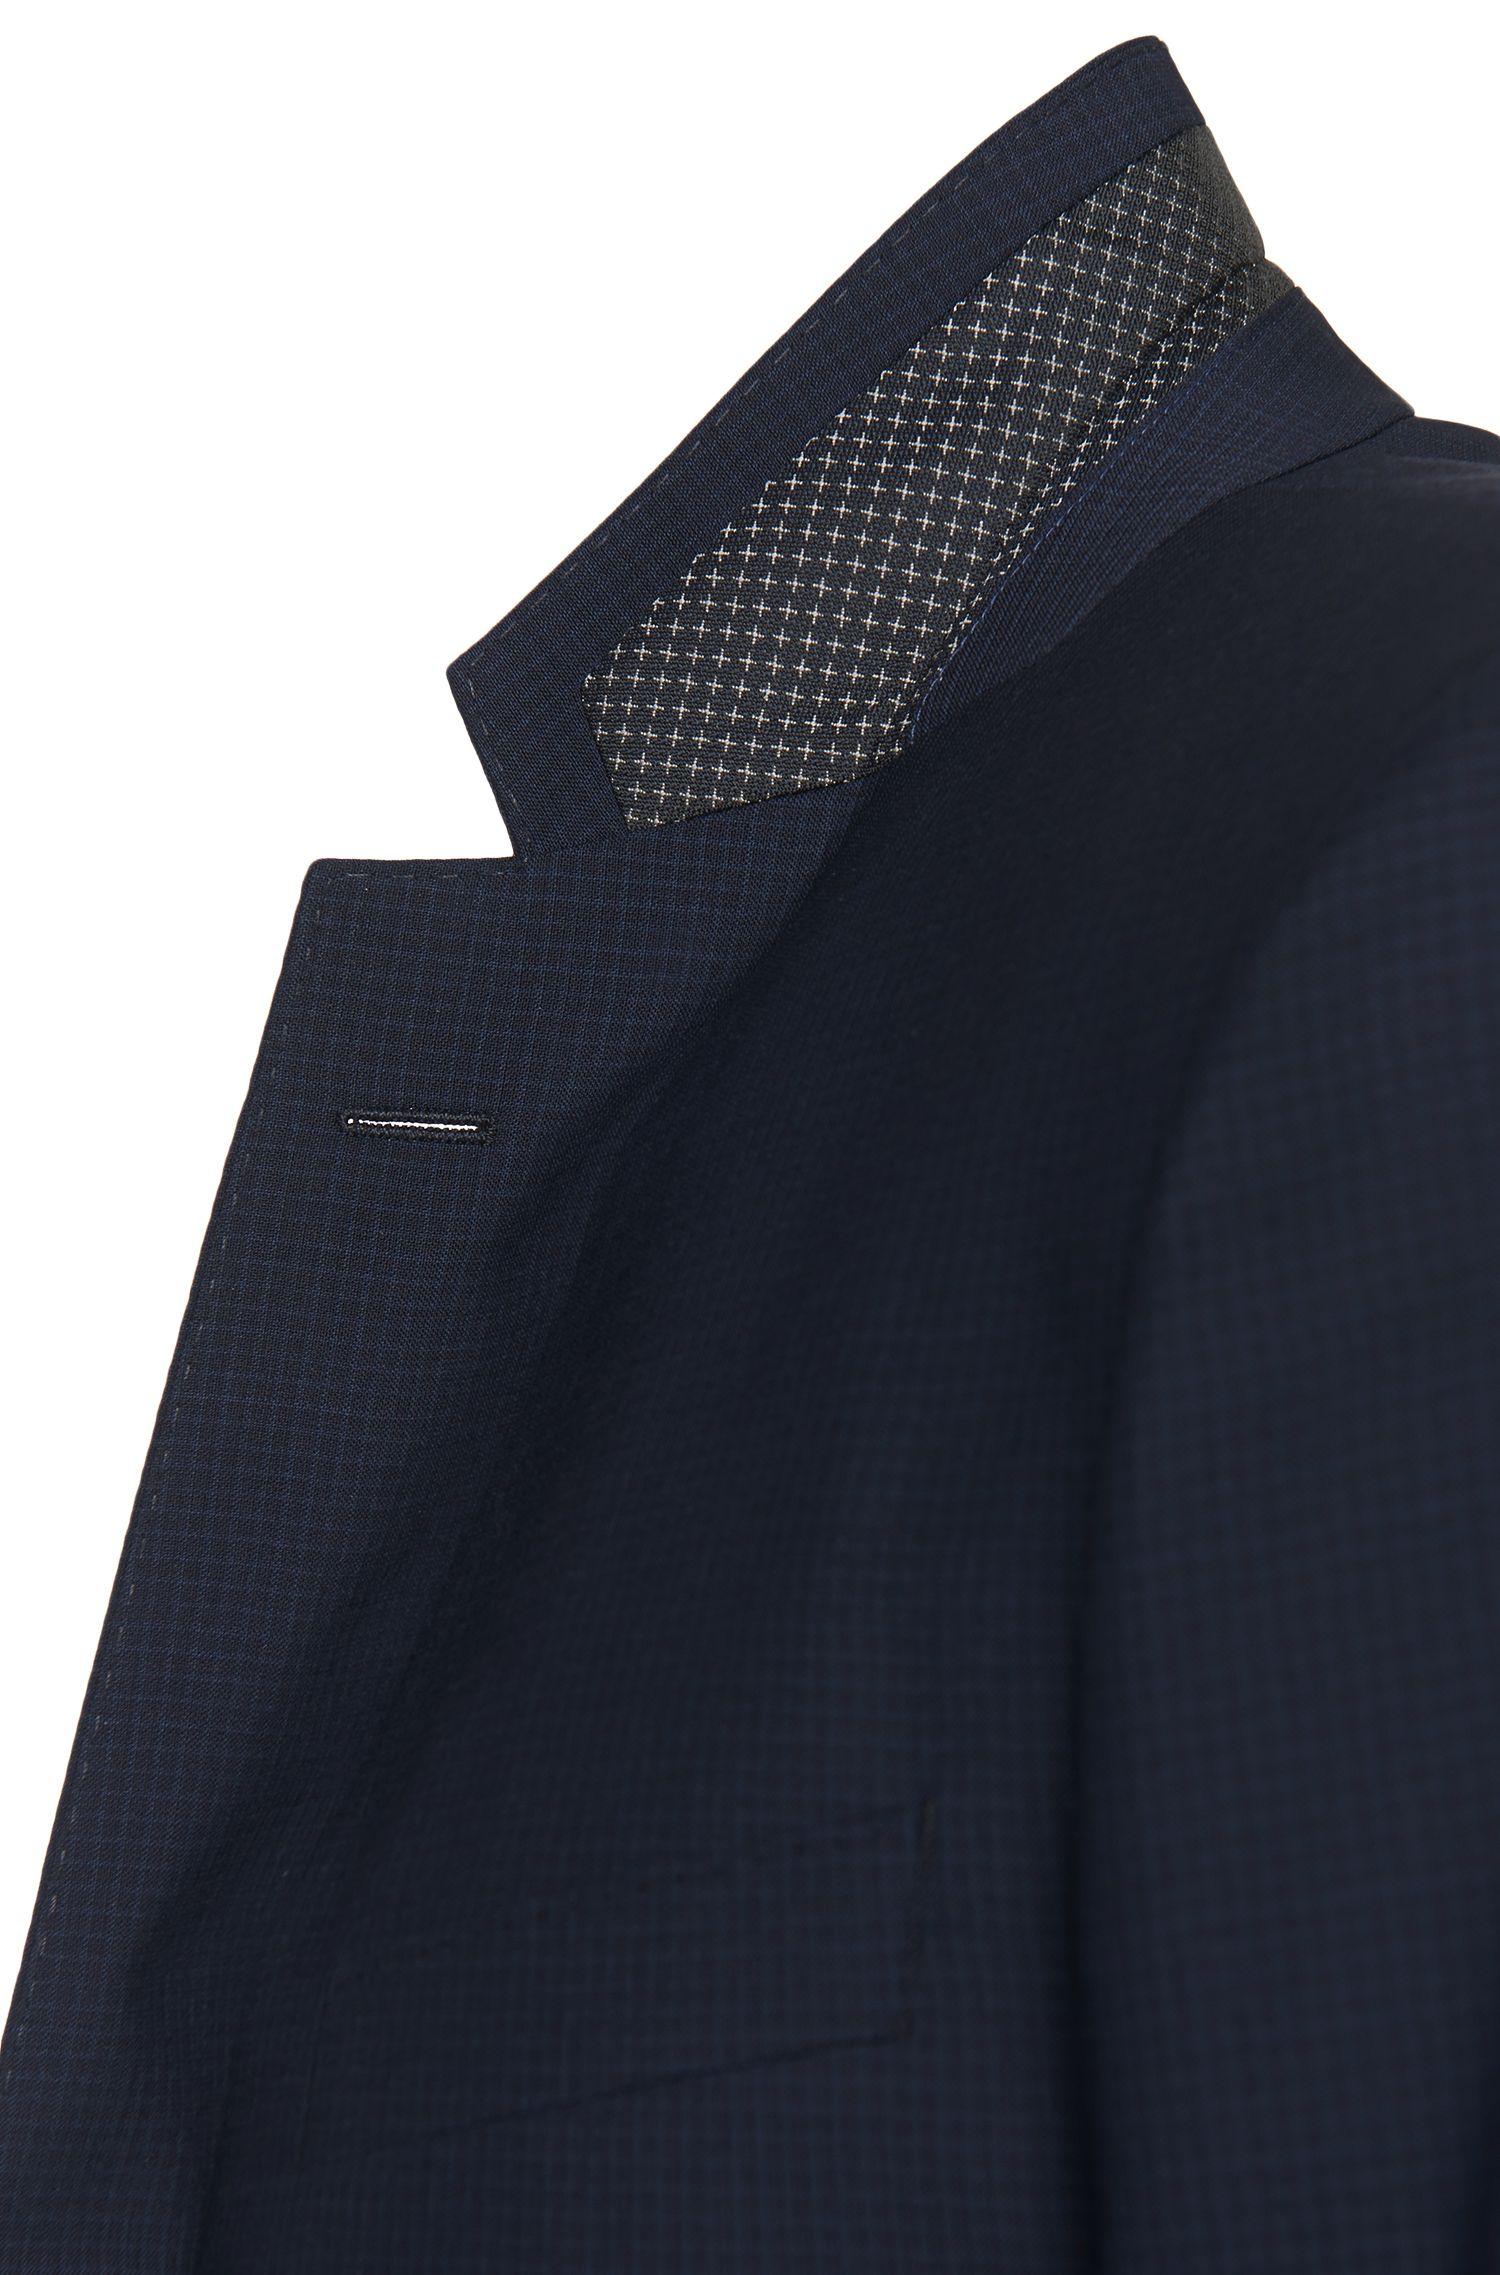 Karierter Slim-Fit Anzug aus Schurwolle mit Perlmutt-Knöpfen: 'Hutson3/Gander1'